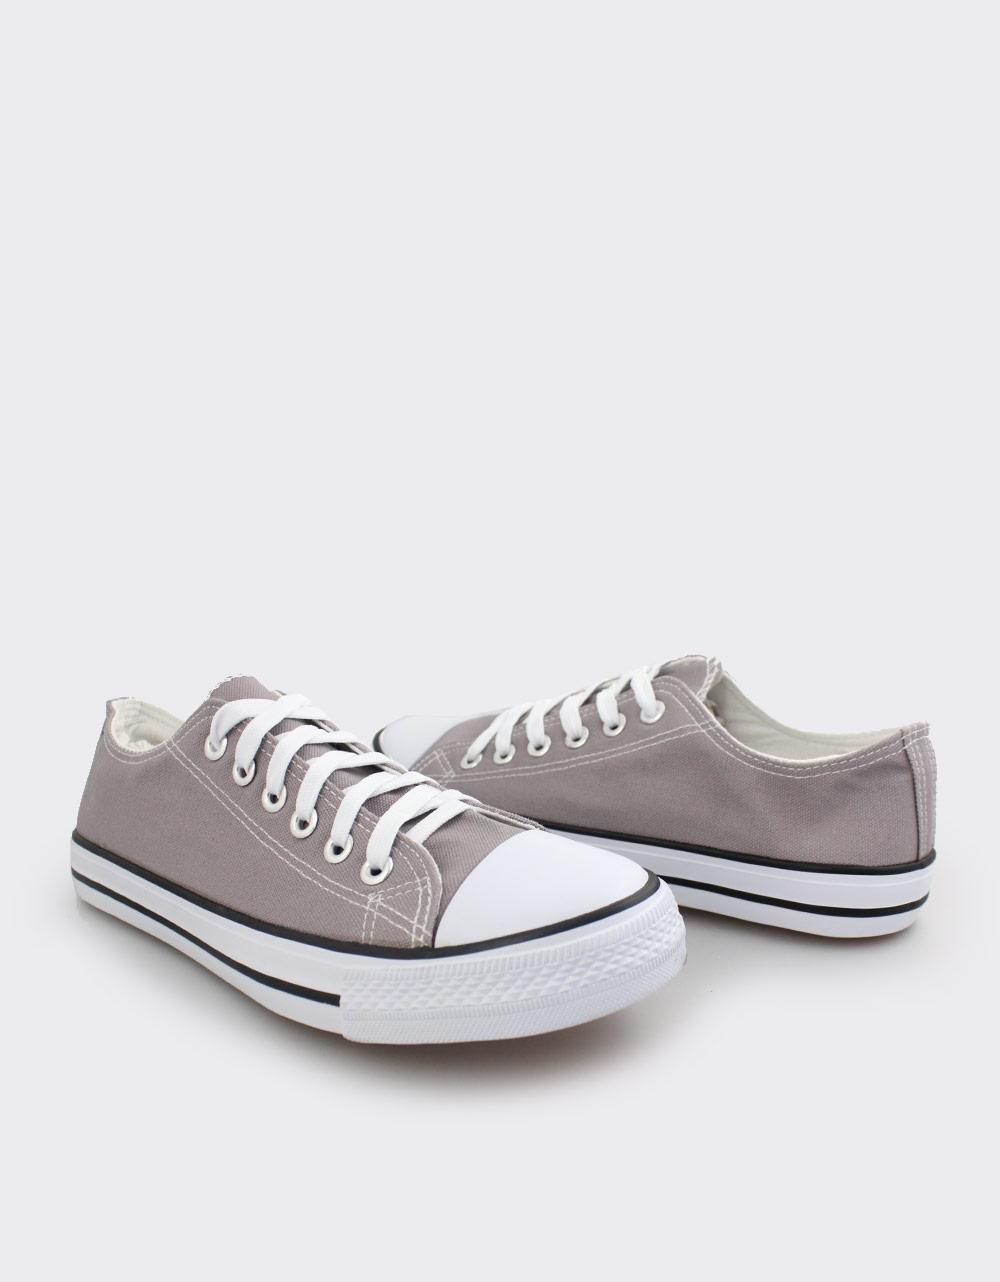 Εικόνα από Ανδρικά sneakers με κορδόνια Γκρι